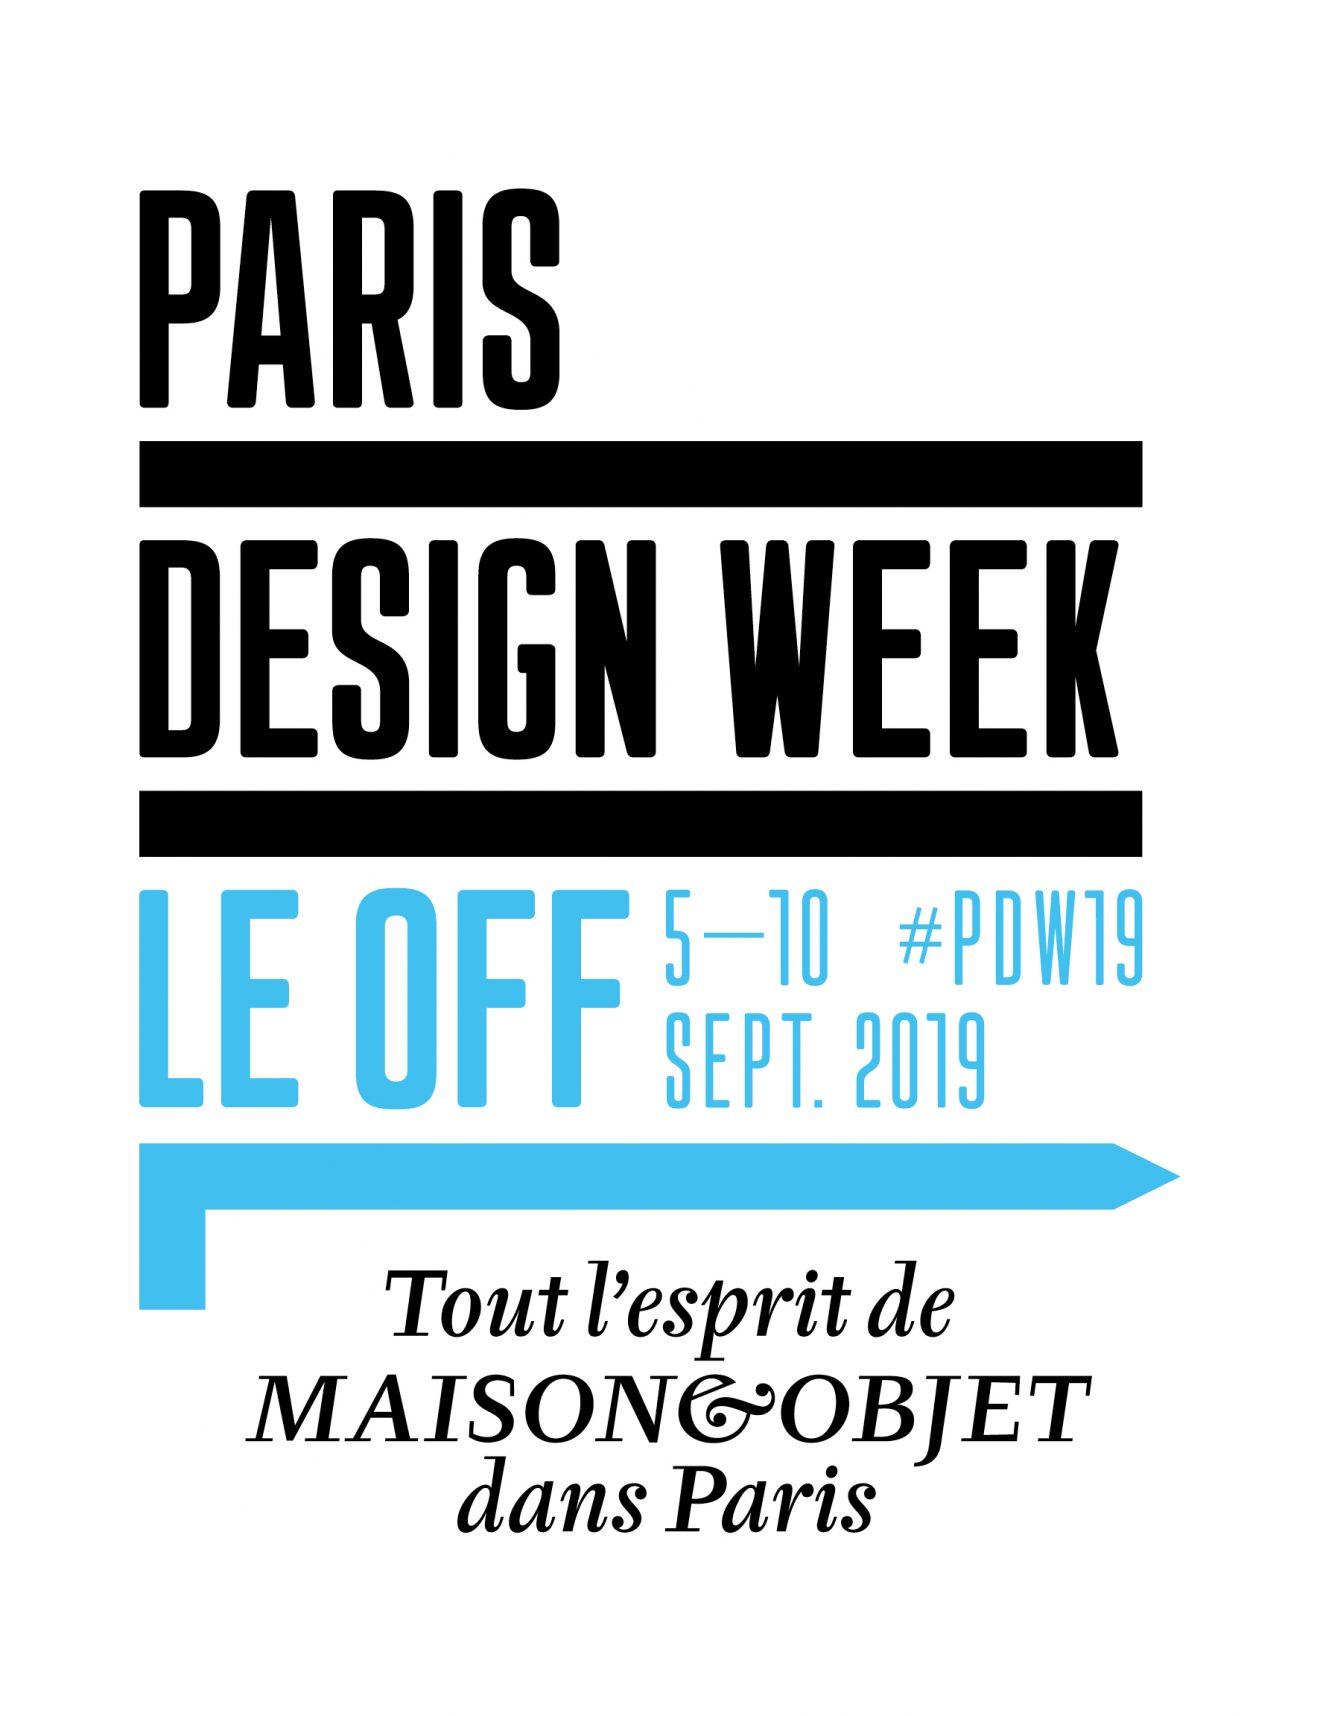 PDW-2019-Logo-LeOff-FR-2-1320×1716